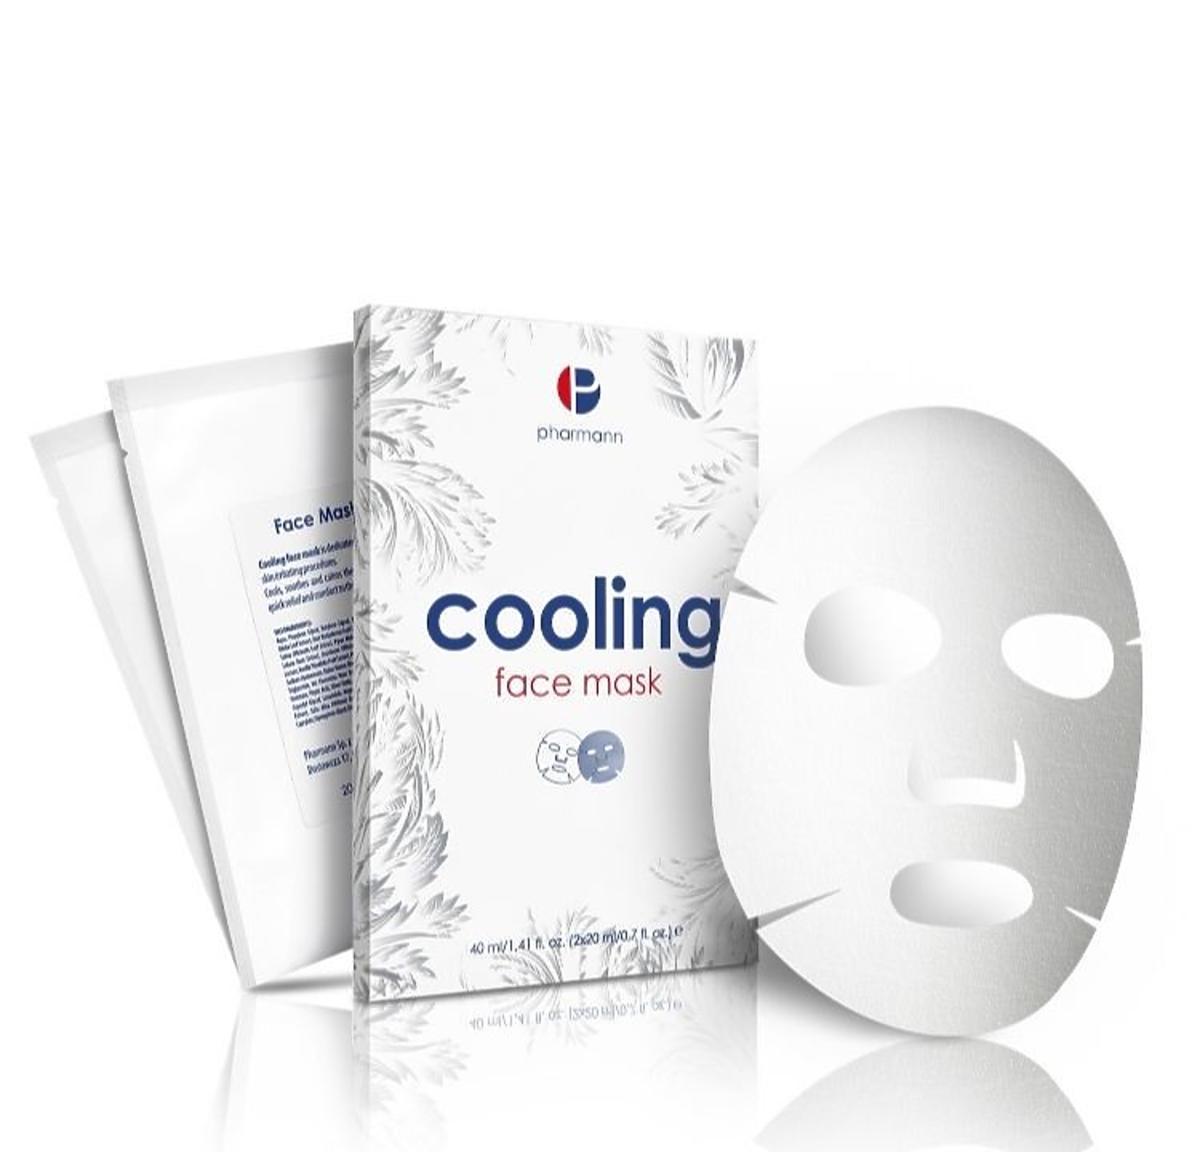 Cooling Face Mask Pharmann